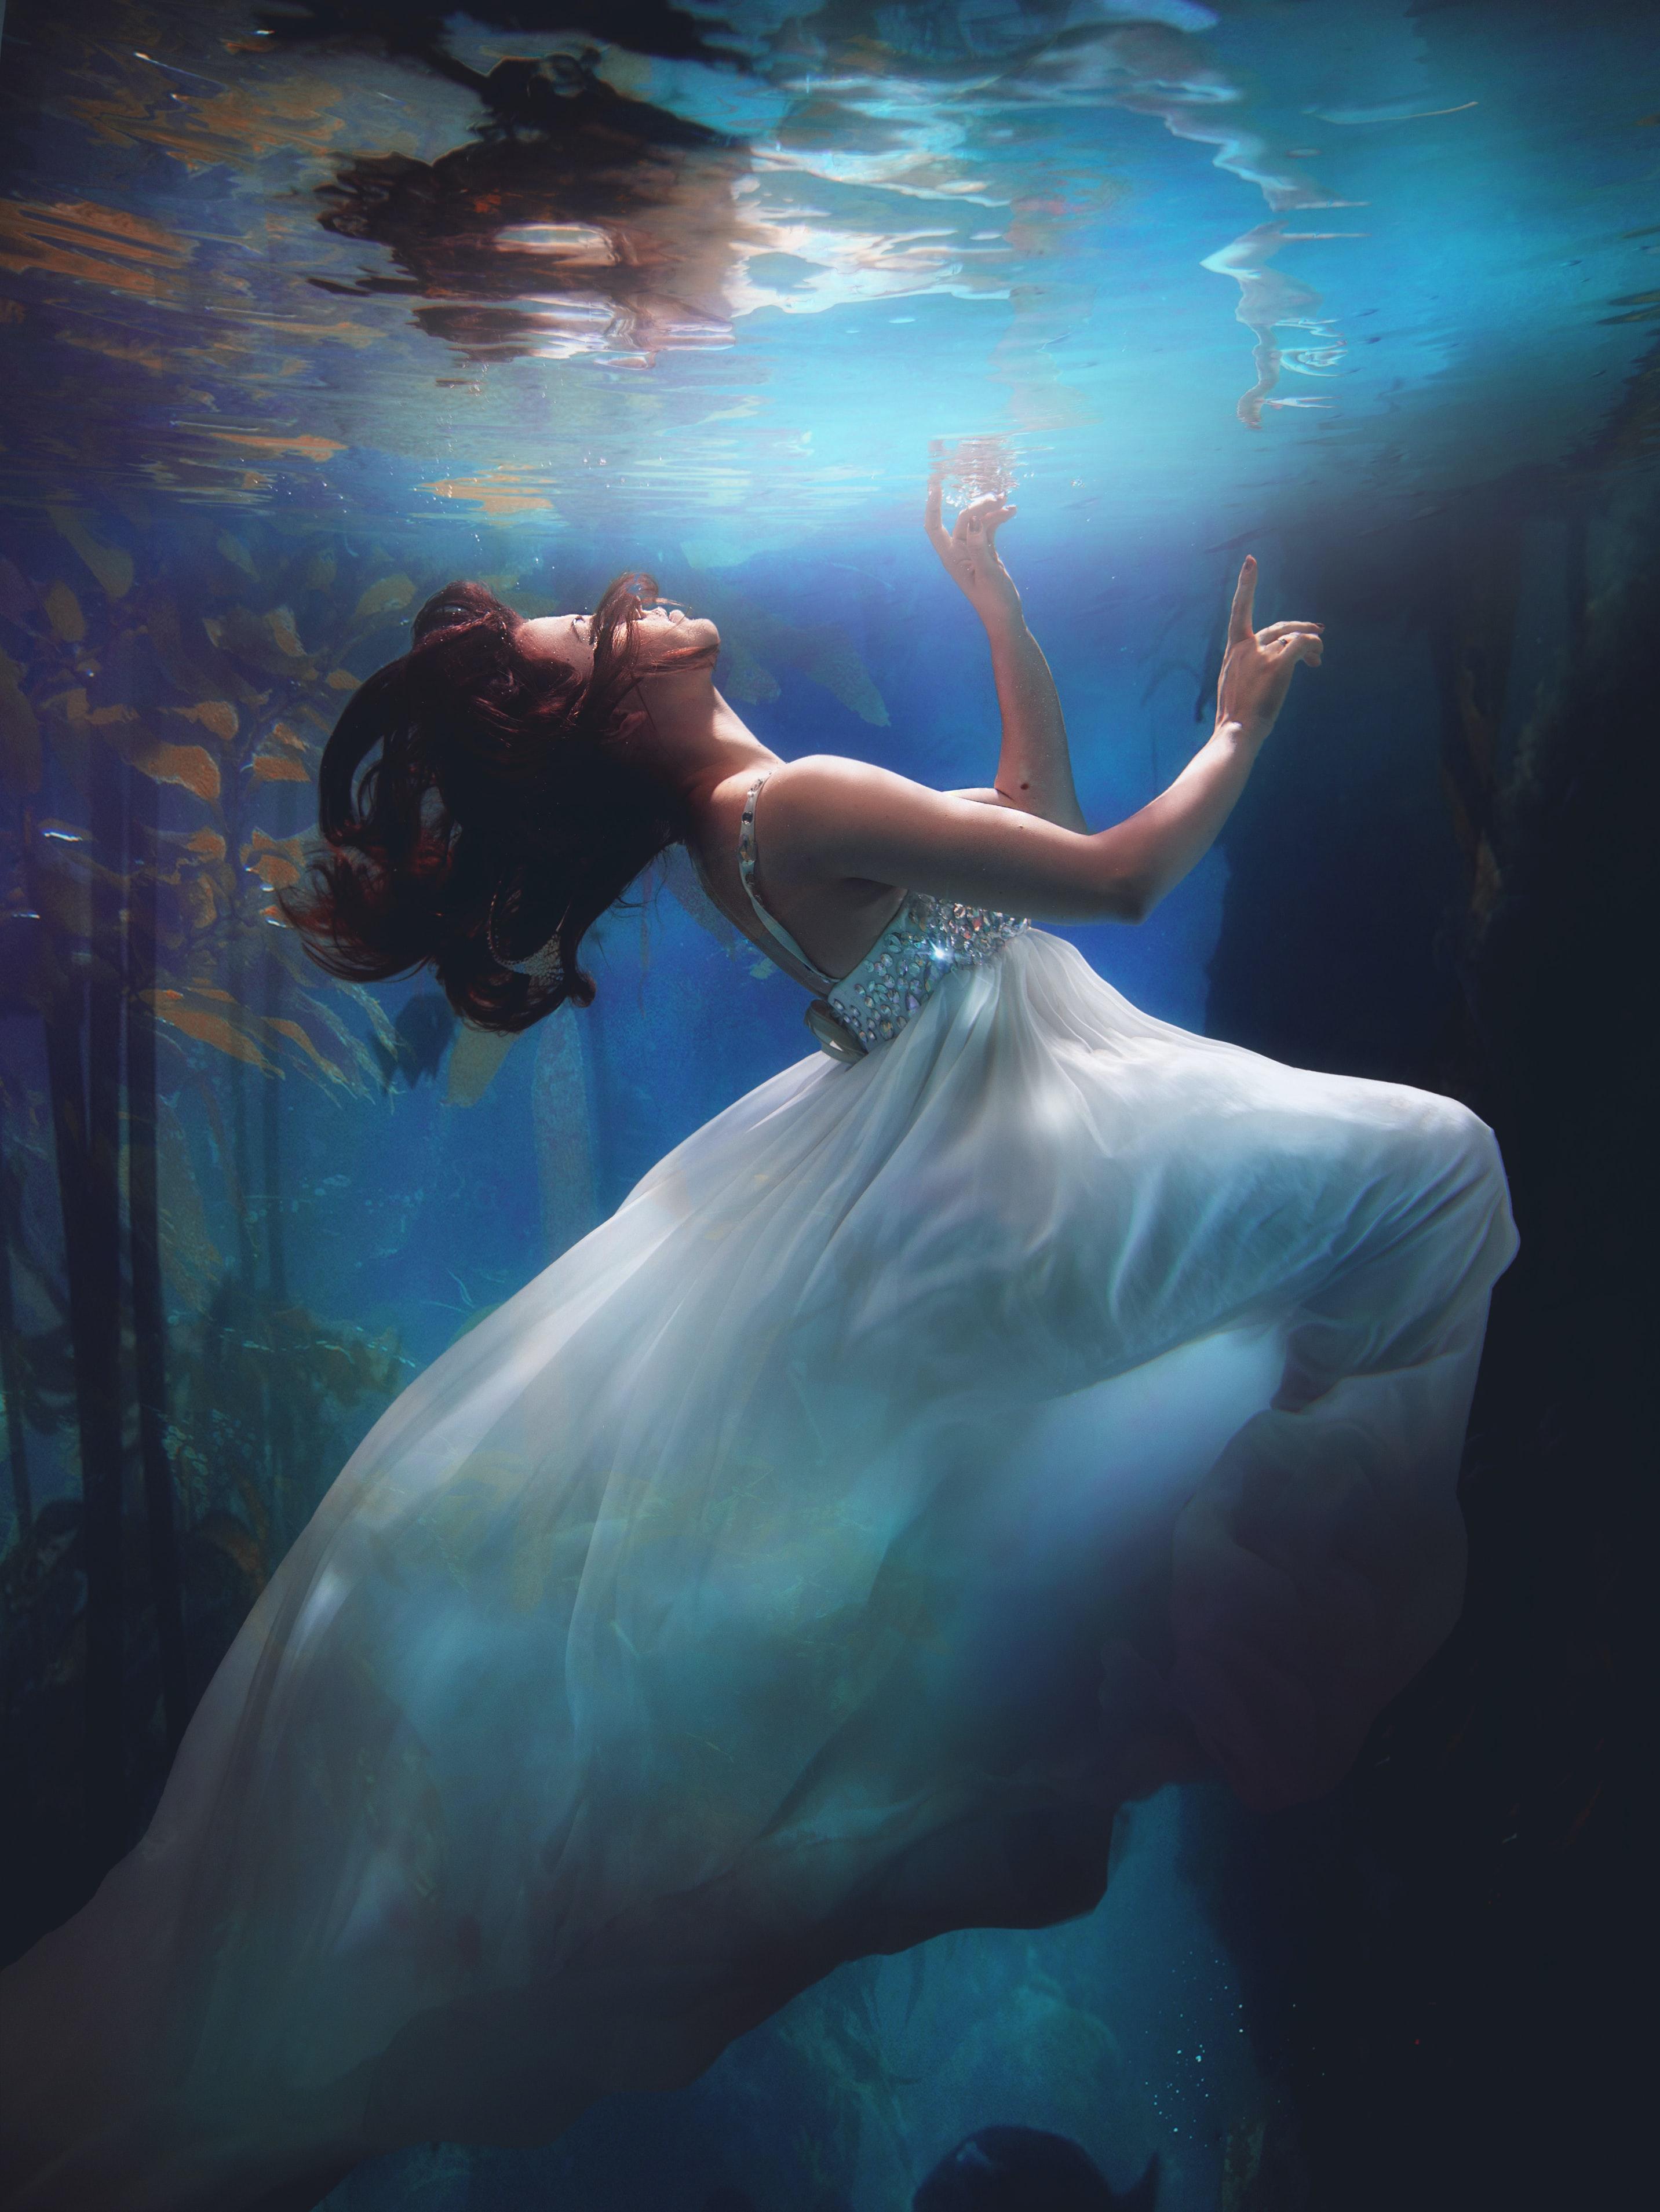 Fotografía artística debajo del agua